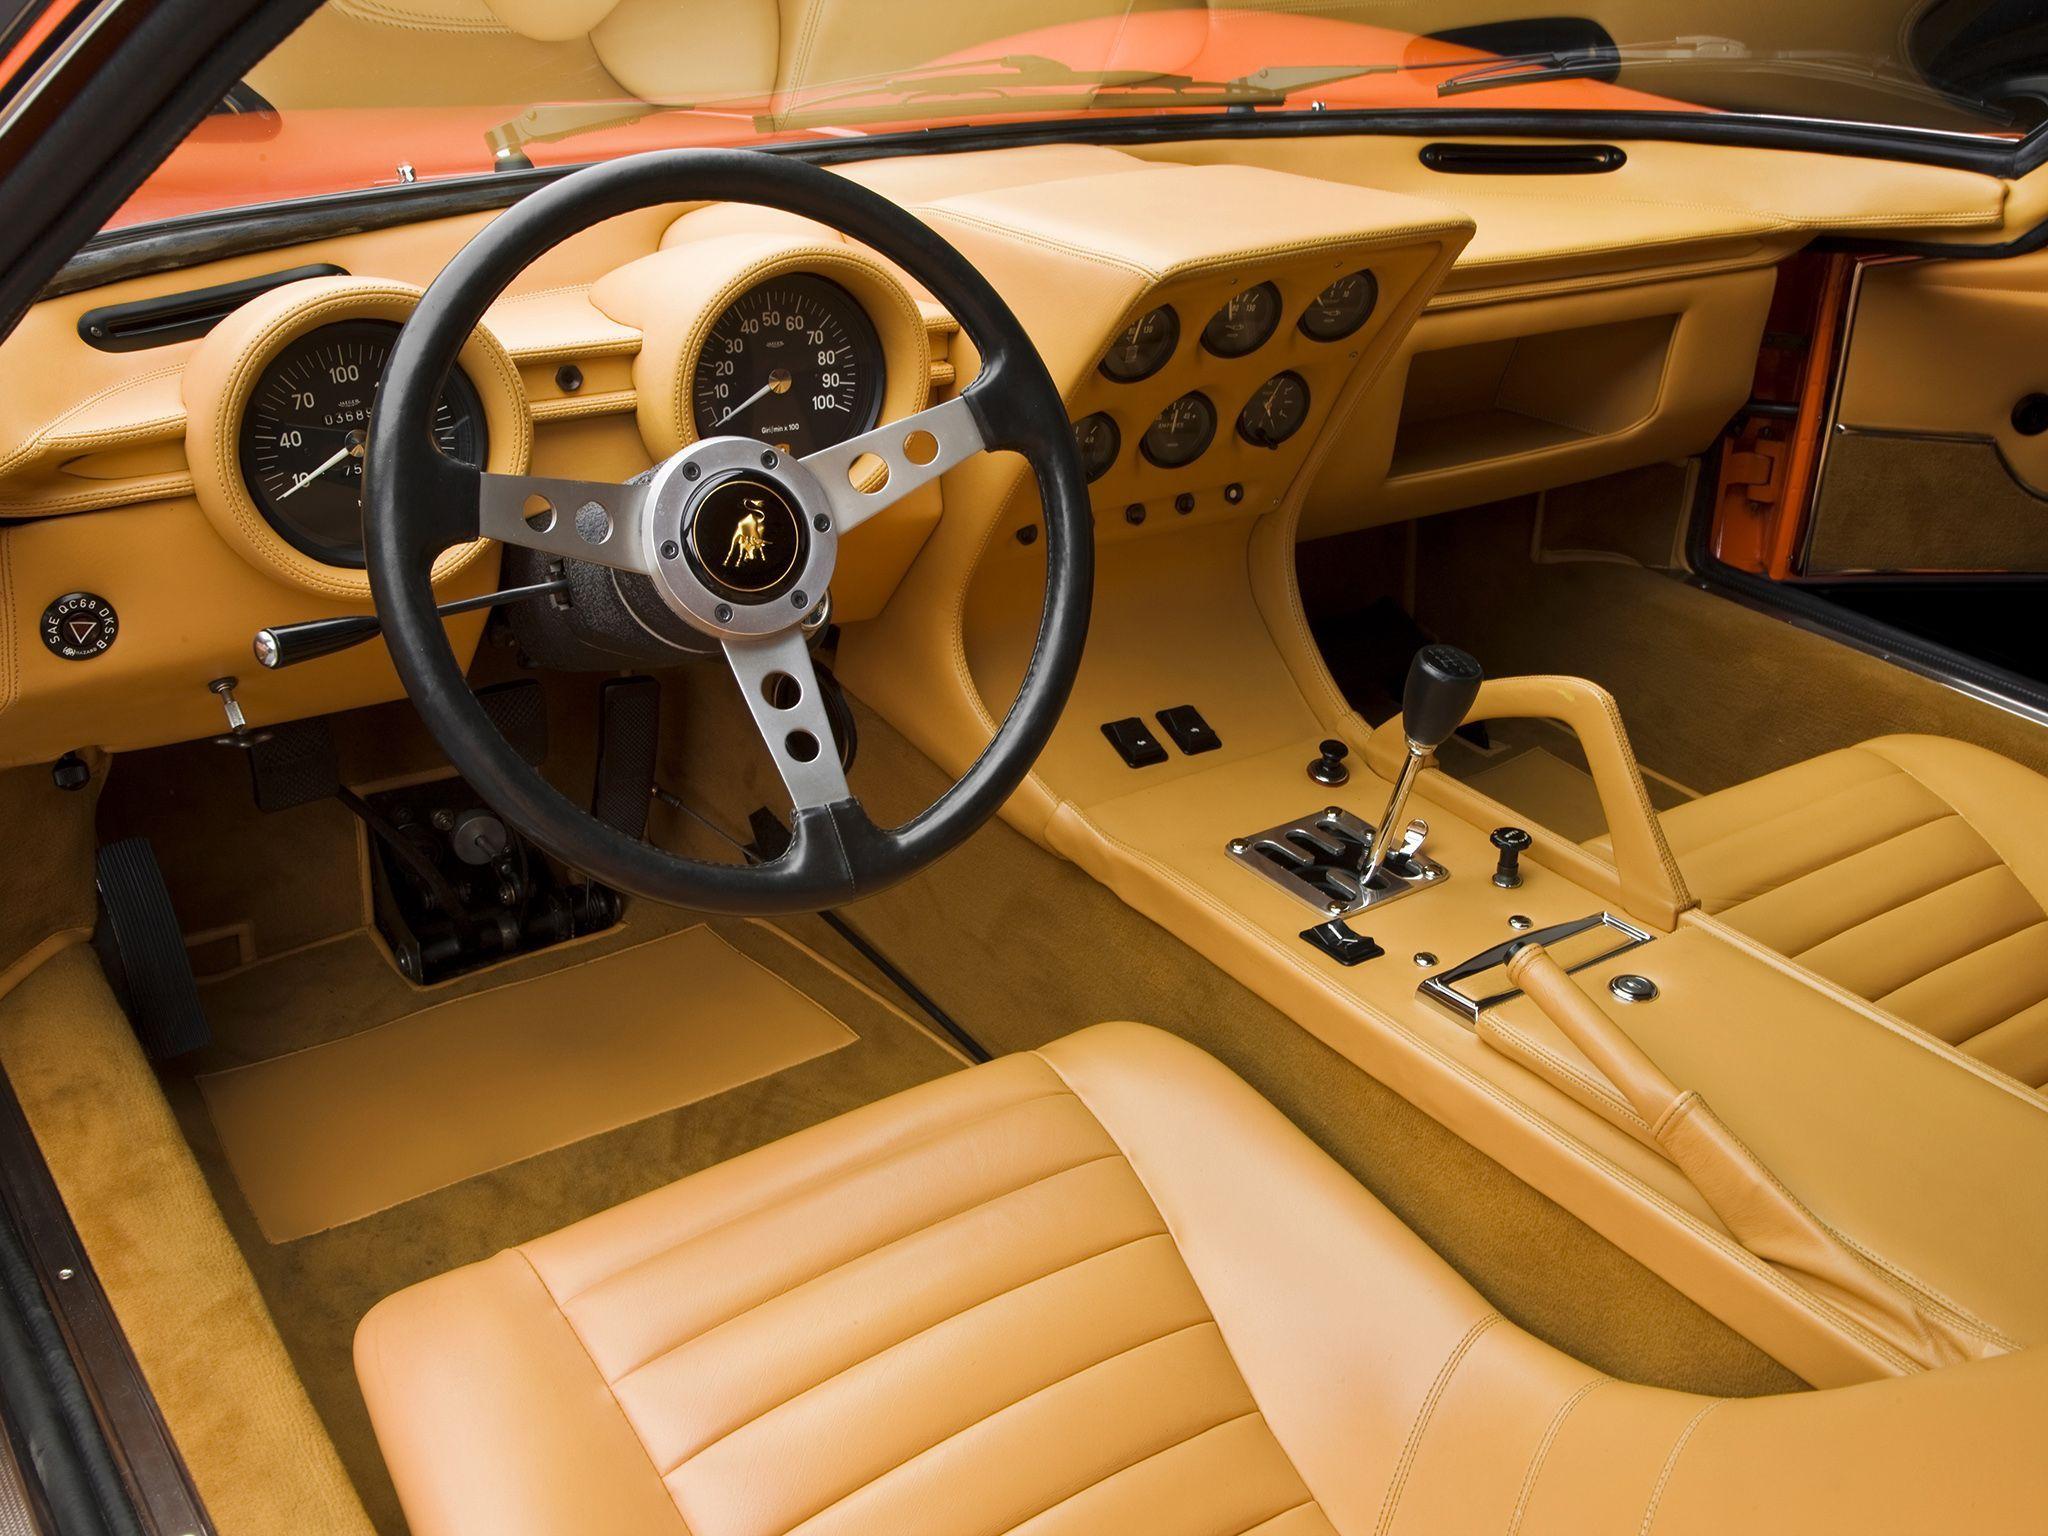 Lamborghini Miura Interior – Cars Wallpapers Hd